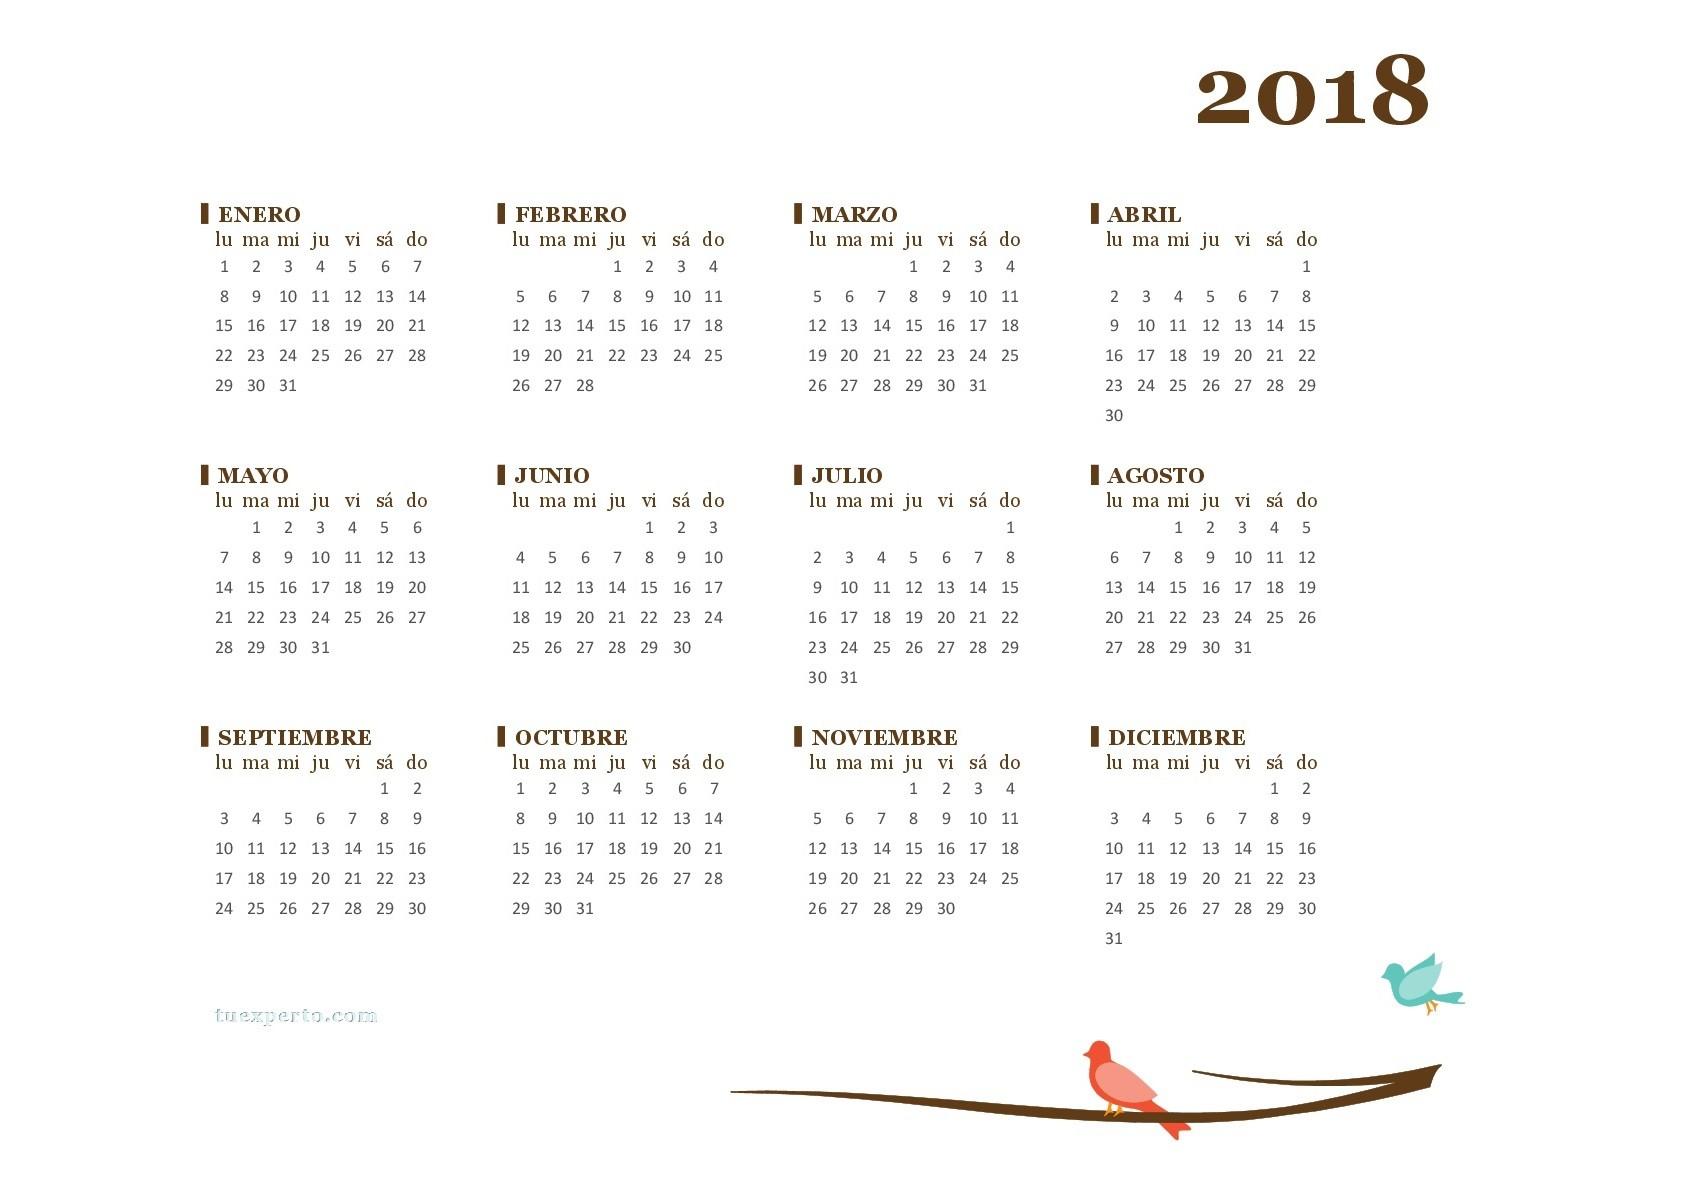 Calendario Mayo 2017 Para Imprimir Word Más Recientemente Liberado Calendario 2018 Más De 150 Plantillas Para Imprimir Y Descargar Of Calendario Mayo 2017 Para Imprimir Word Más Populares Watercolor 2019 Monthly Printable Calendar Calendar 2019may 2019